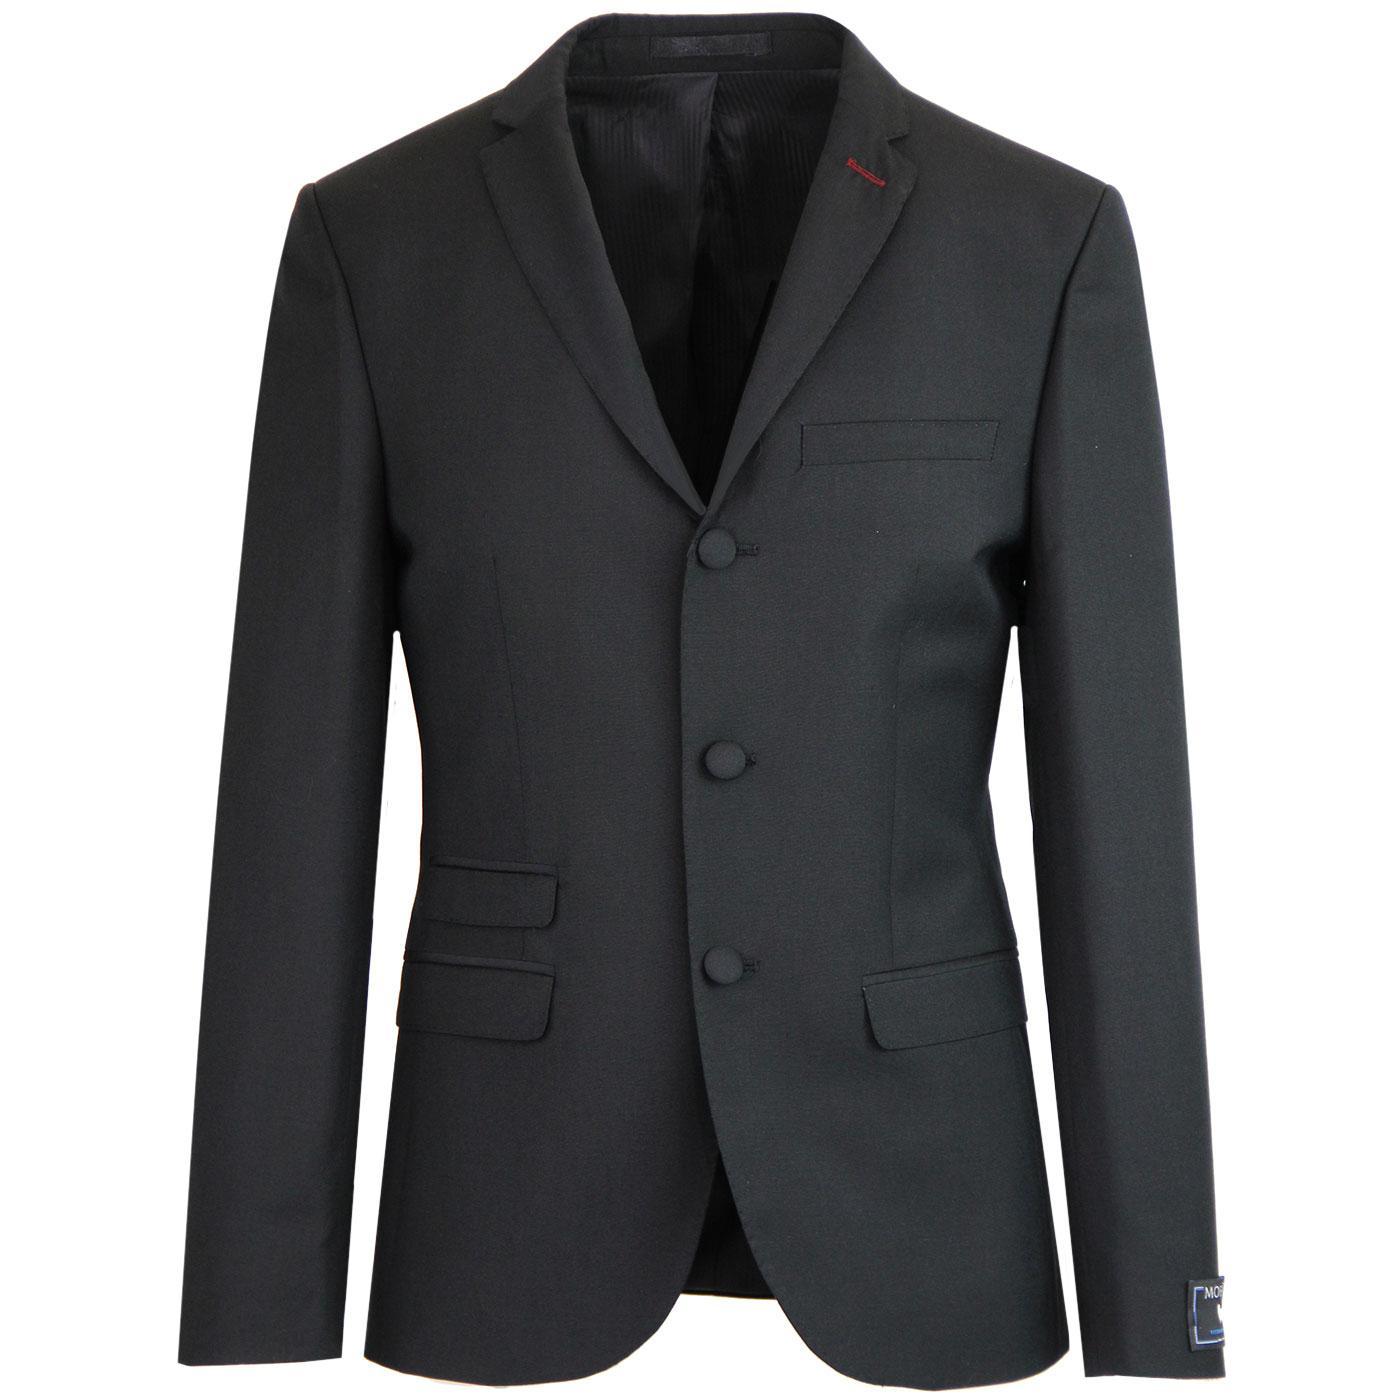 MADCAP ENGLAND 3 Button Mohair Suit Blazer (Black)